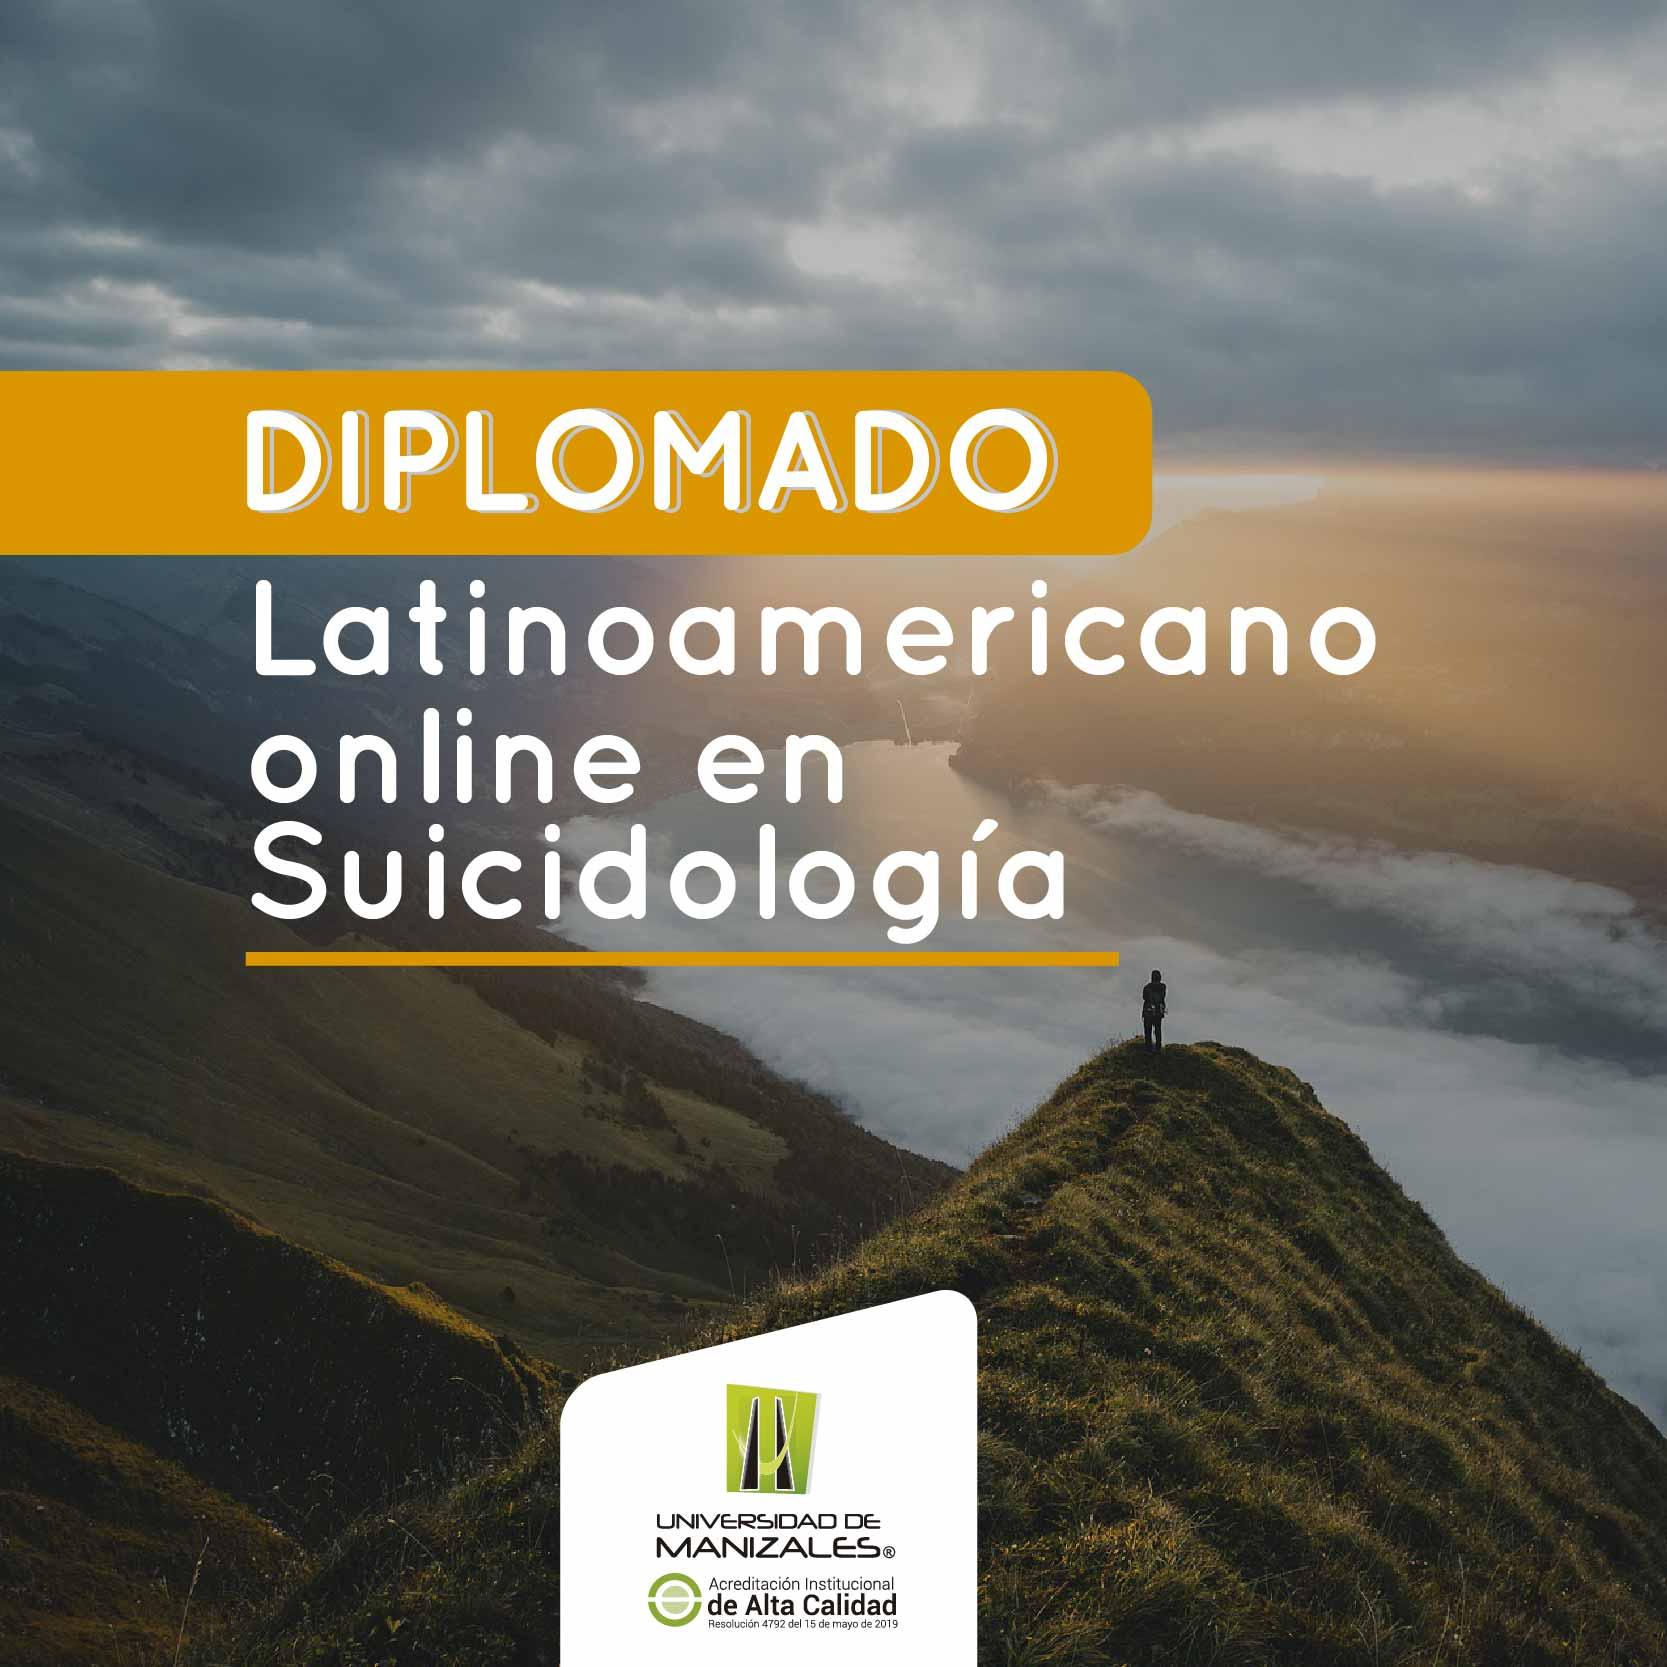 Diplomado latinoamericano online en suicidiología